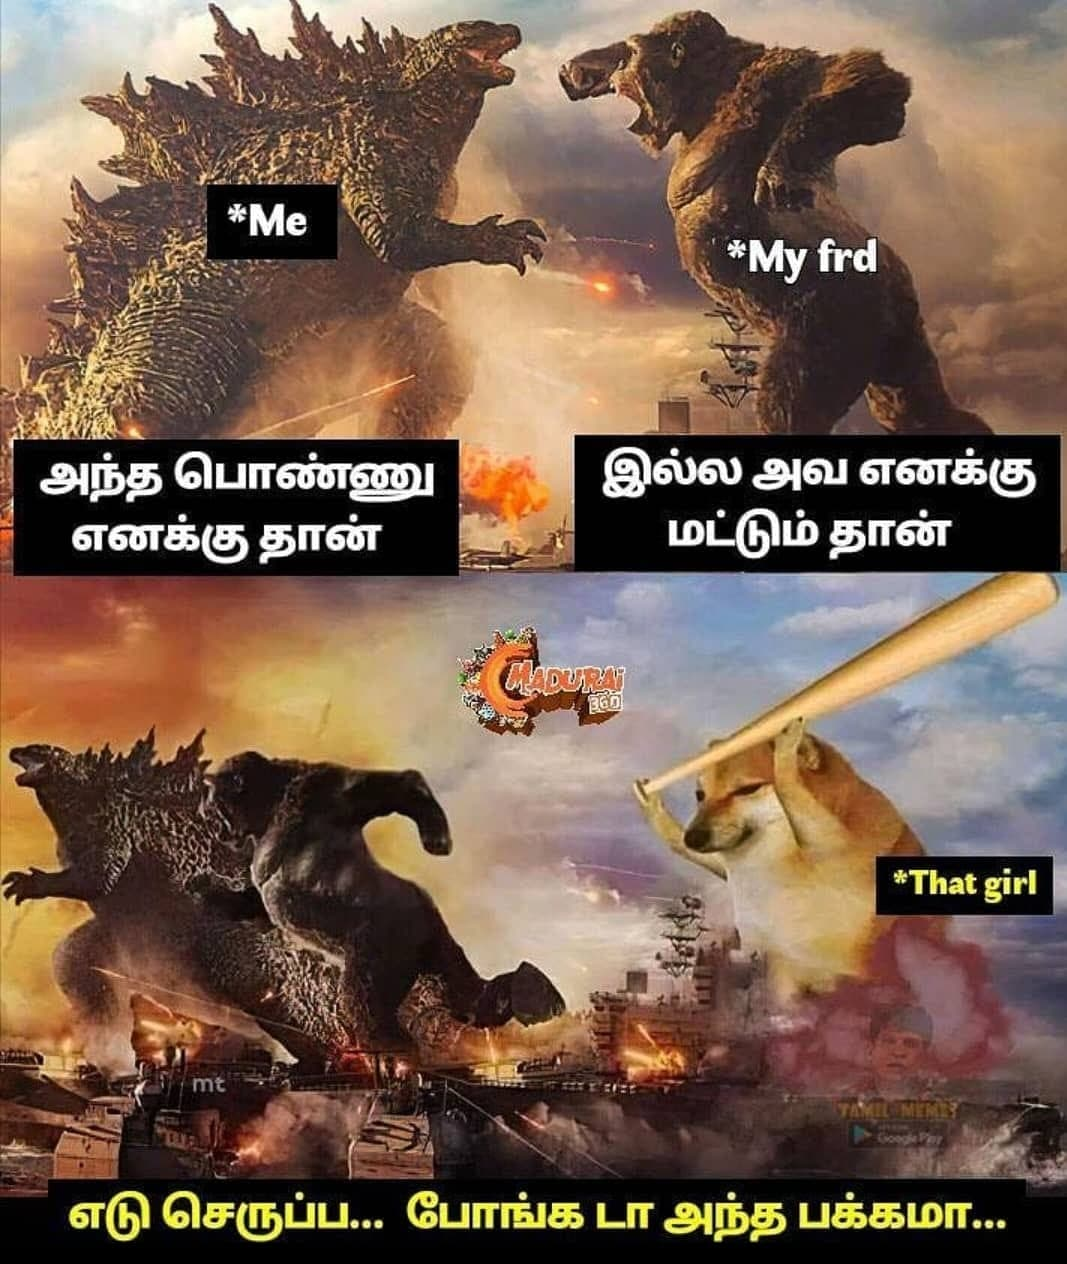 இணையத்தில் வைரலாகும் 'காட்ஸில்லா vs காங்' மீம்ஸ்கள்